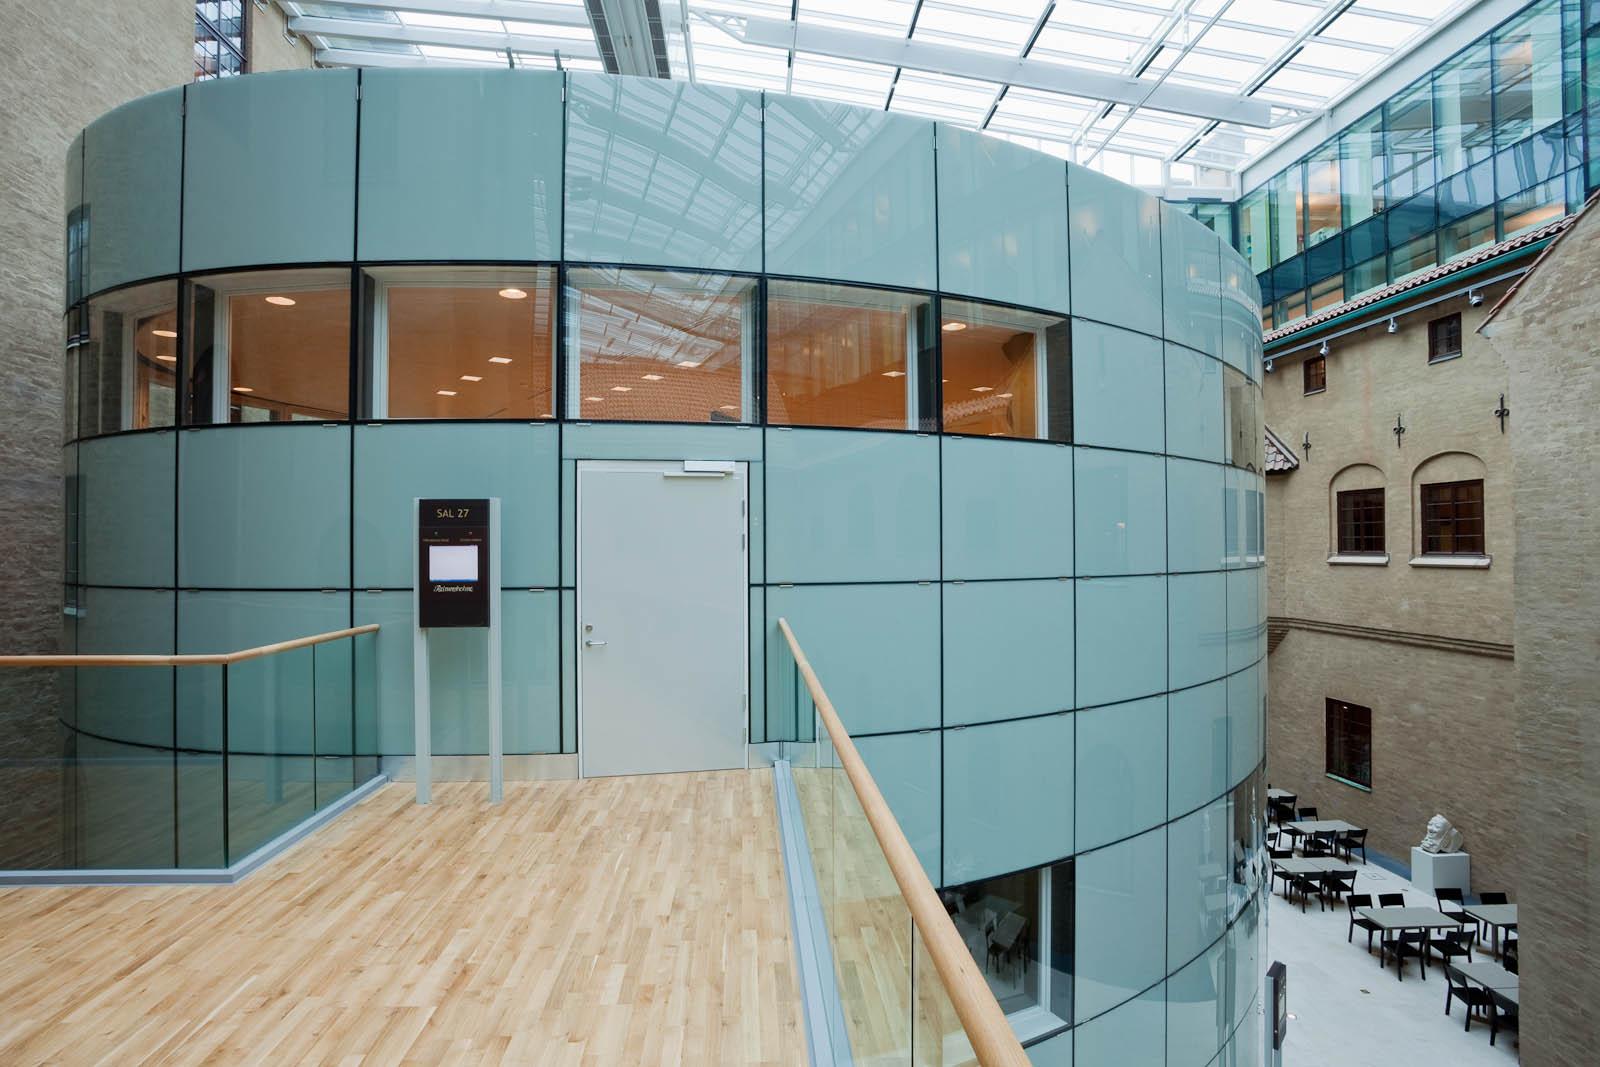 Ingången till en av de nybyggda sessionssalarna. May Bente Aronsen, Lyssnande vägg